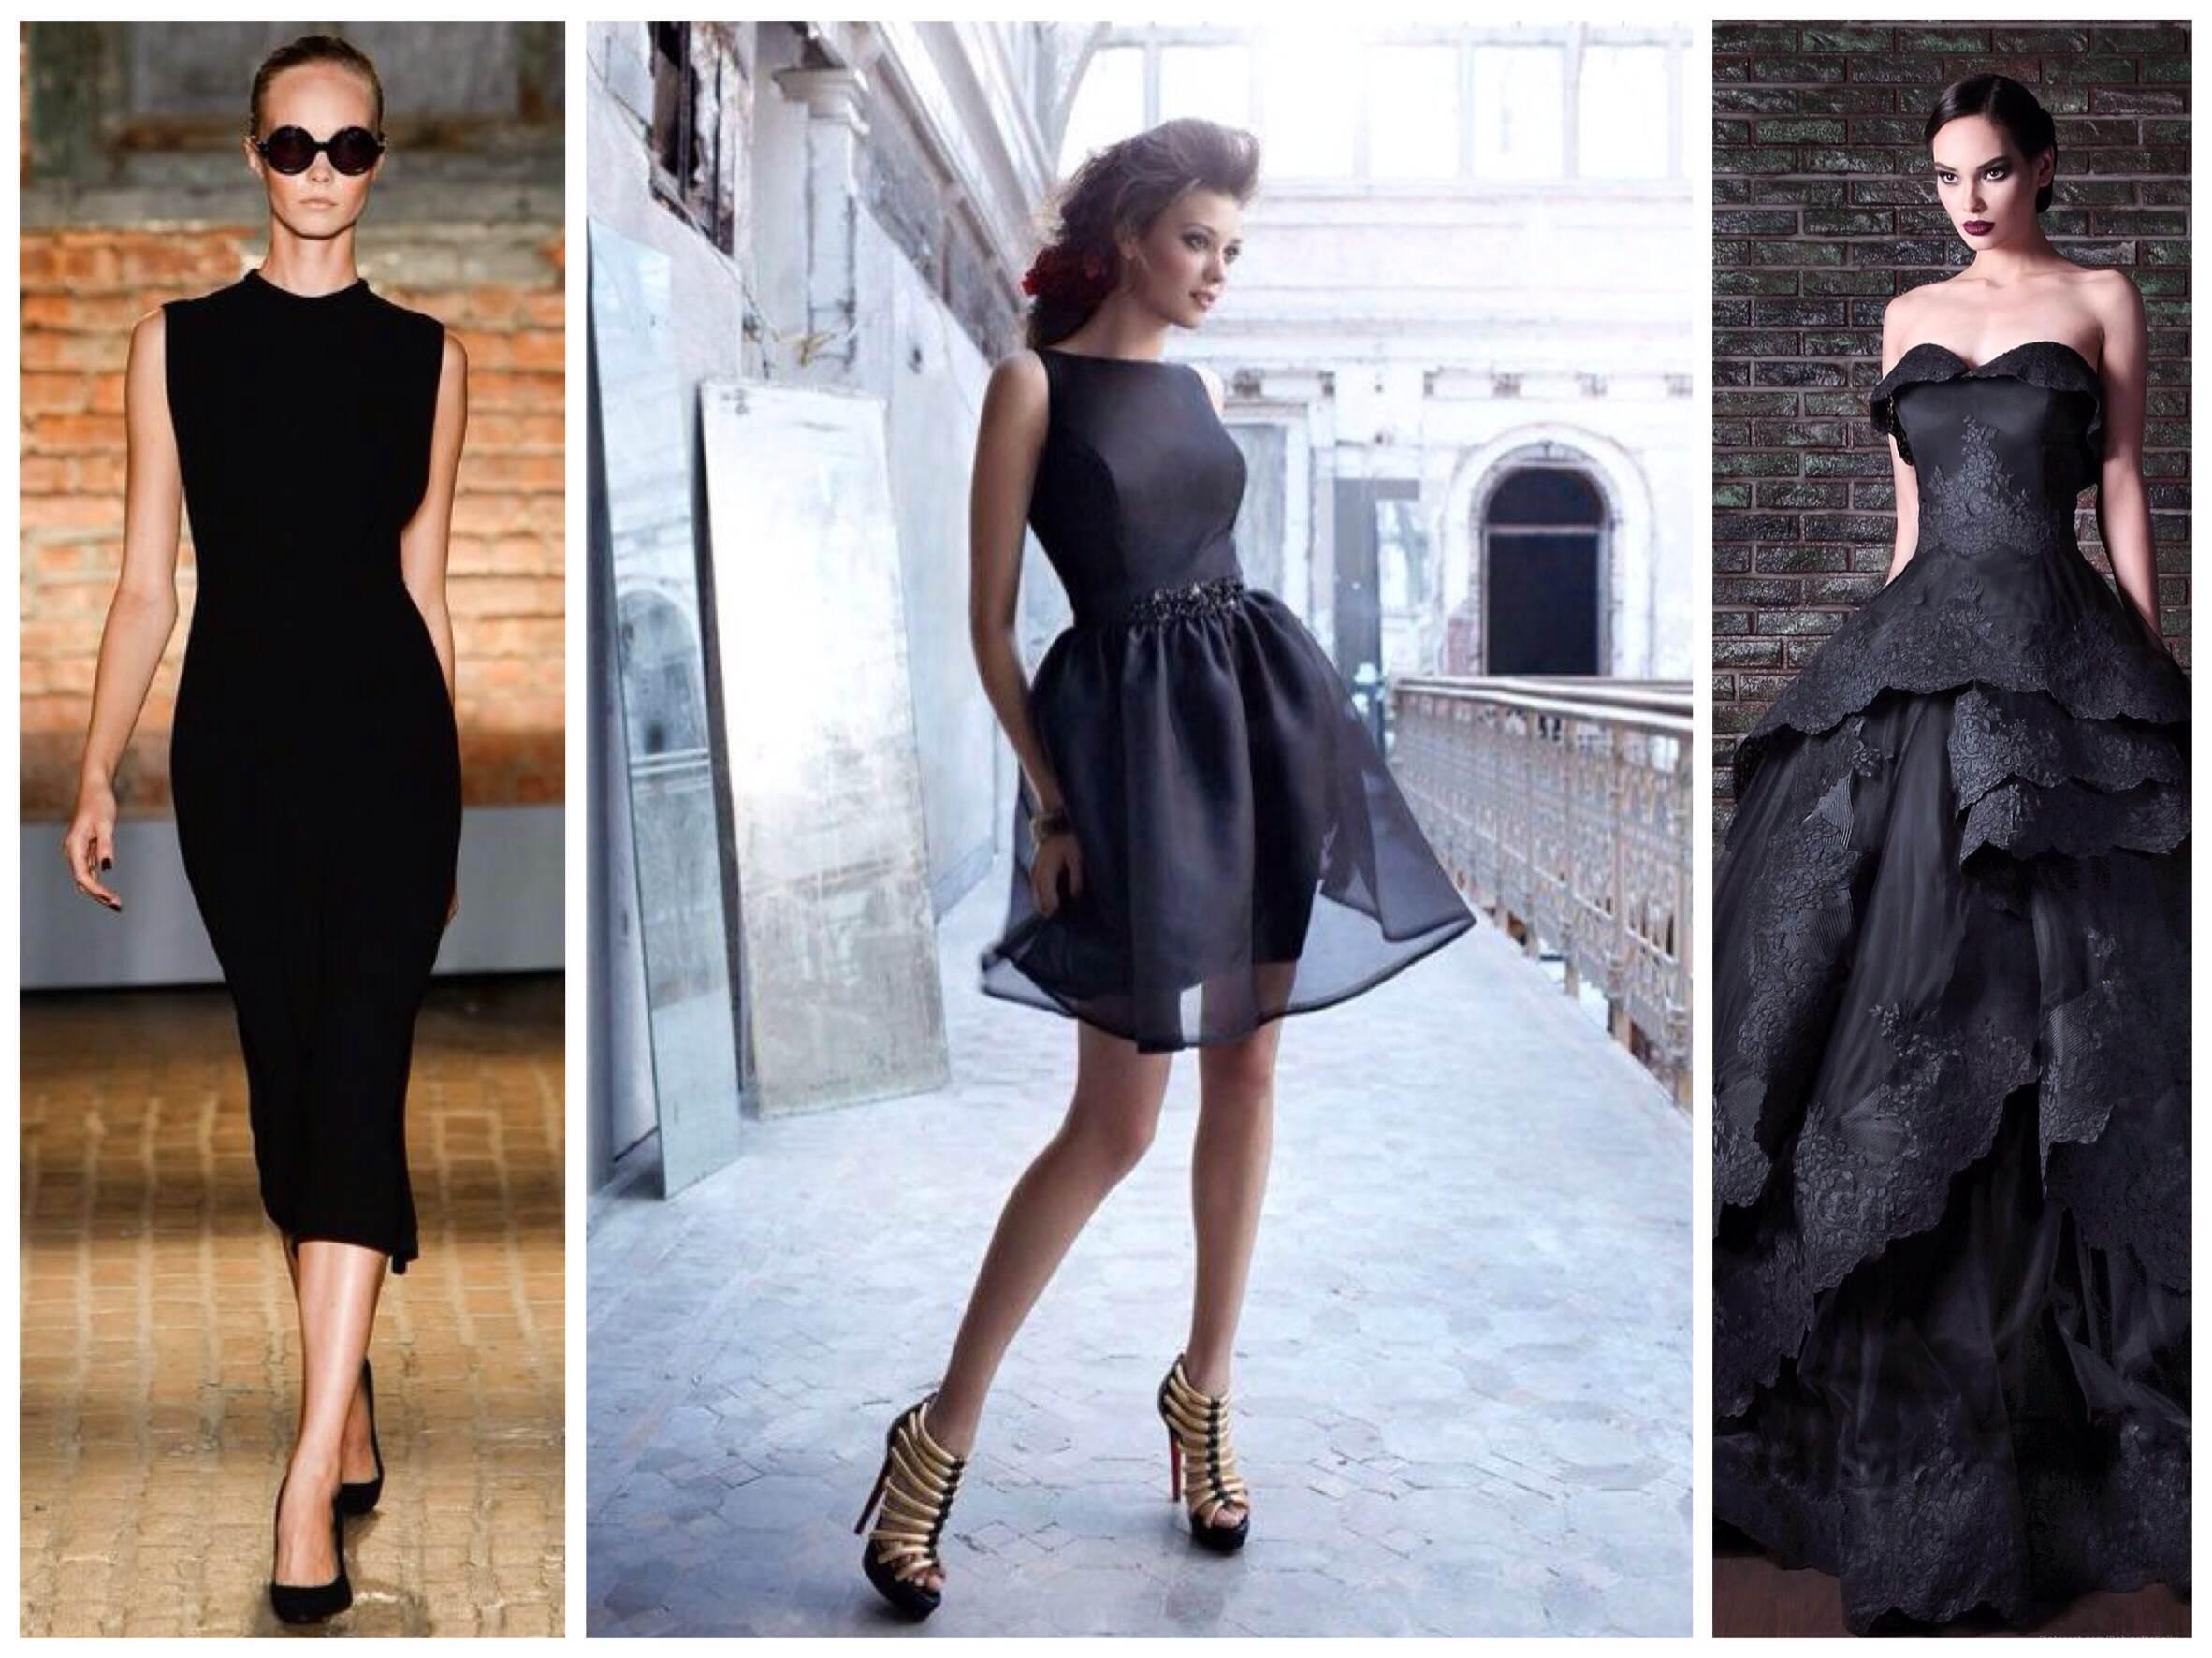 84c644a673c126 Велика роль маленького чорного плаття в історії моди